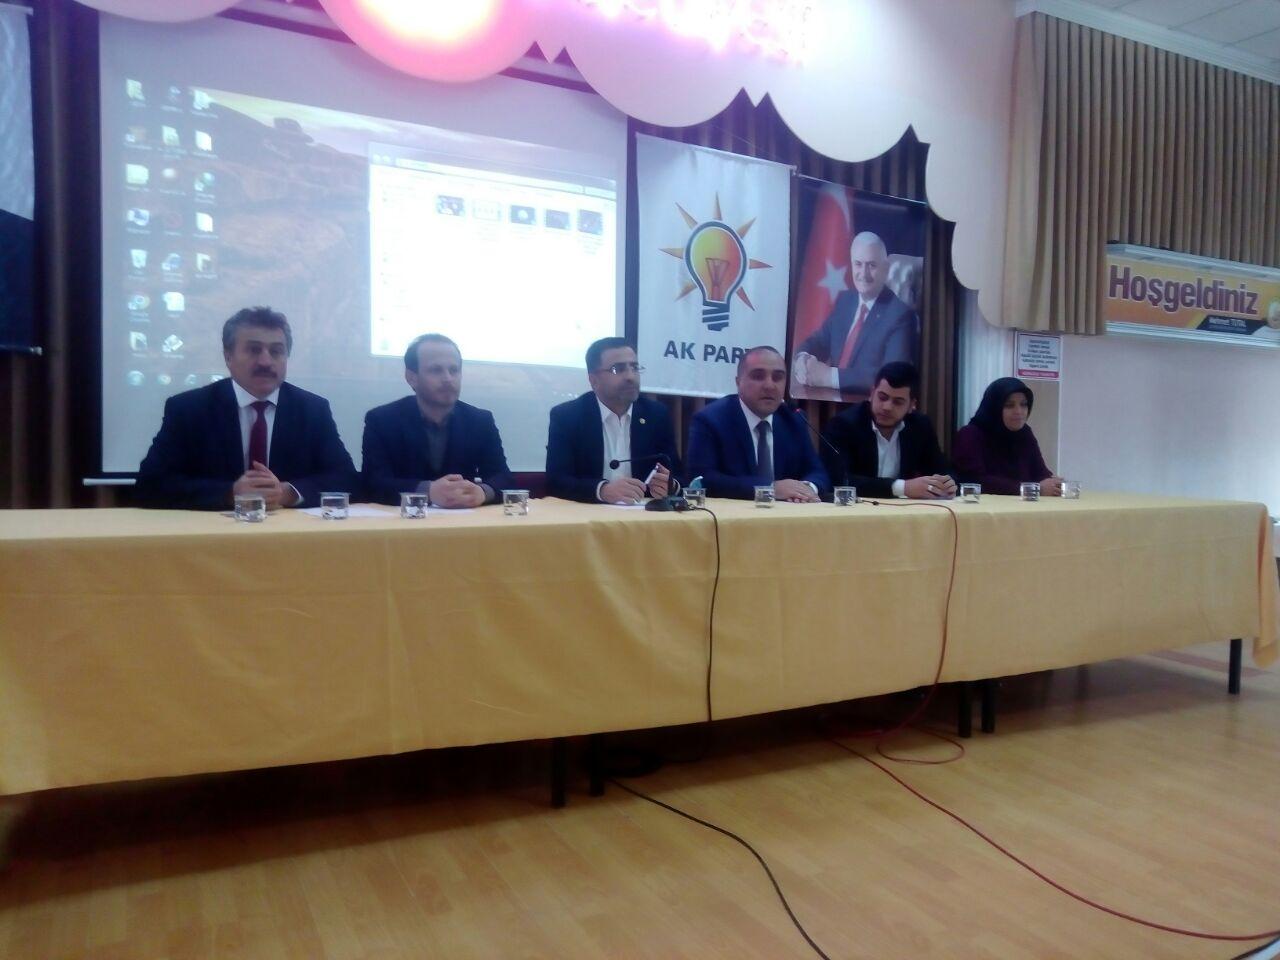 AK Parti Seydişehir Danışma Meclisi Toplantısı Yapıldı